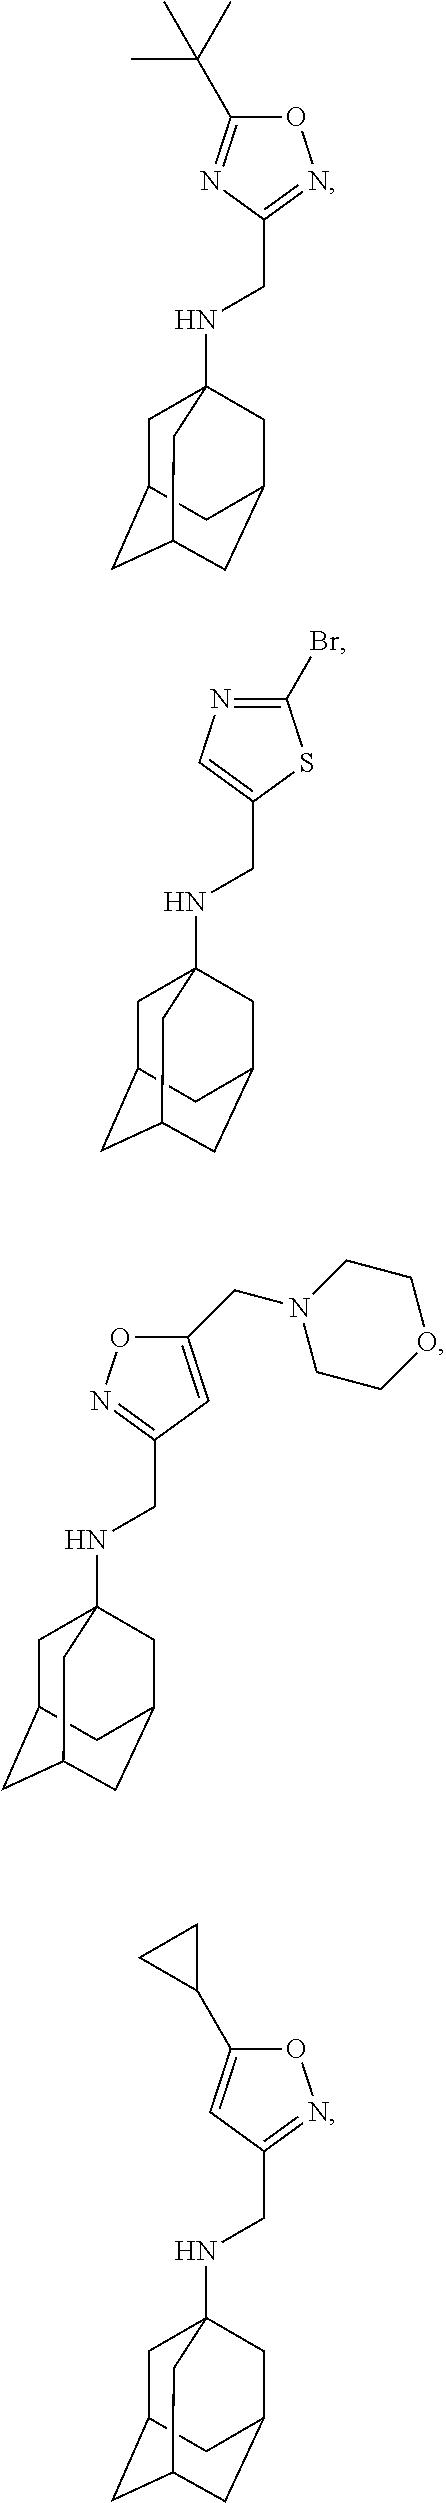 Figure US09884832-20180206-C00049